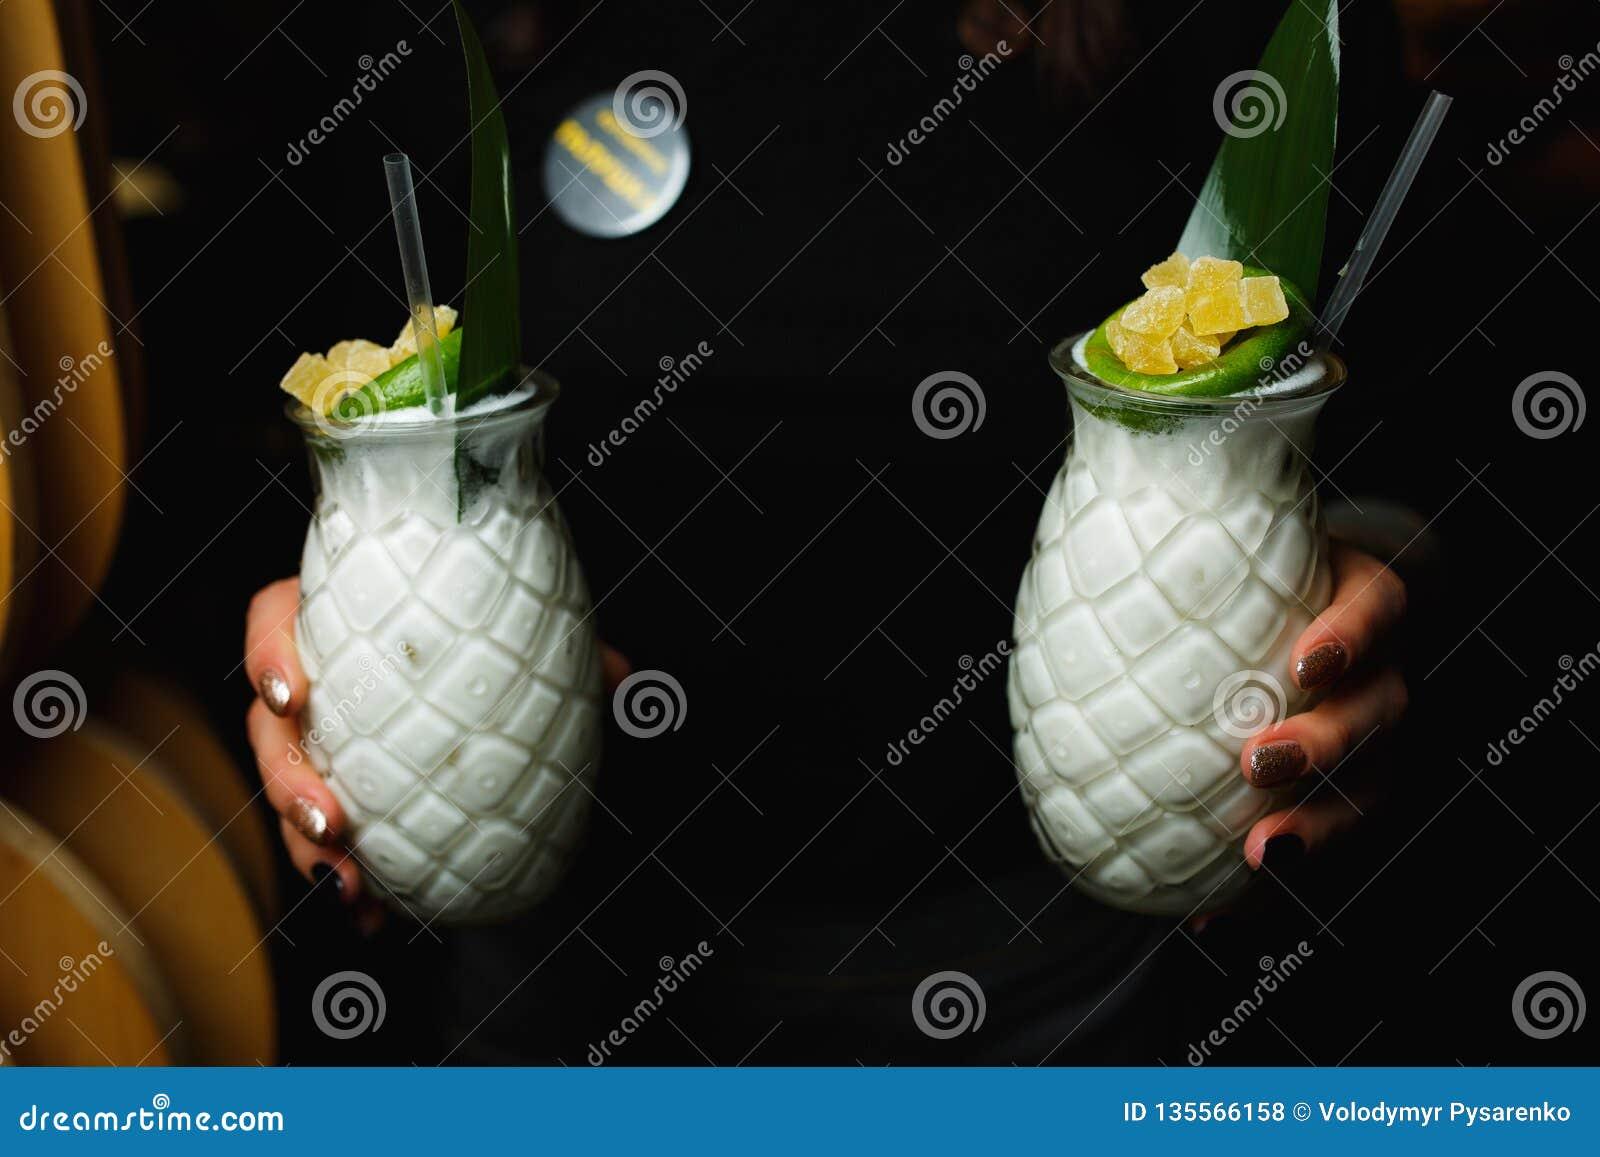 Il cameriere porta due cocktail bianchi